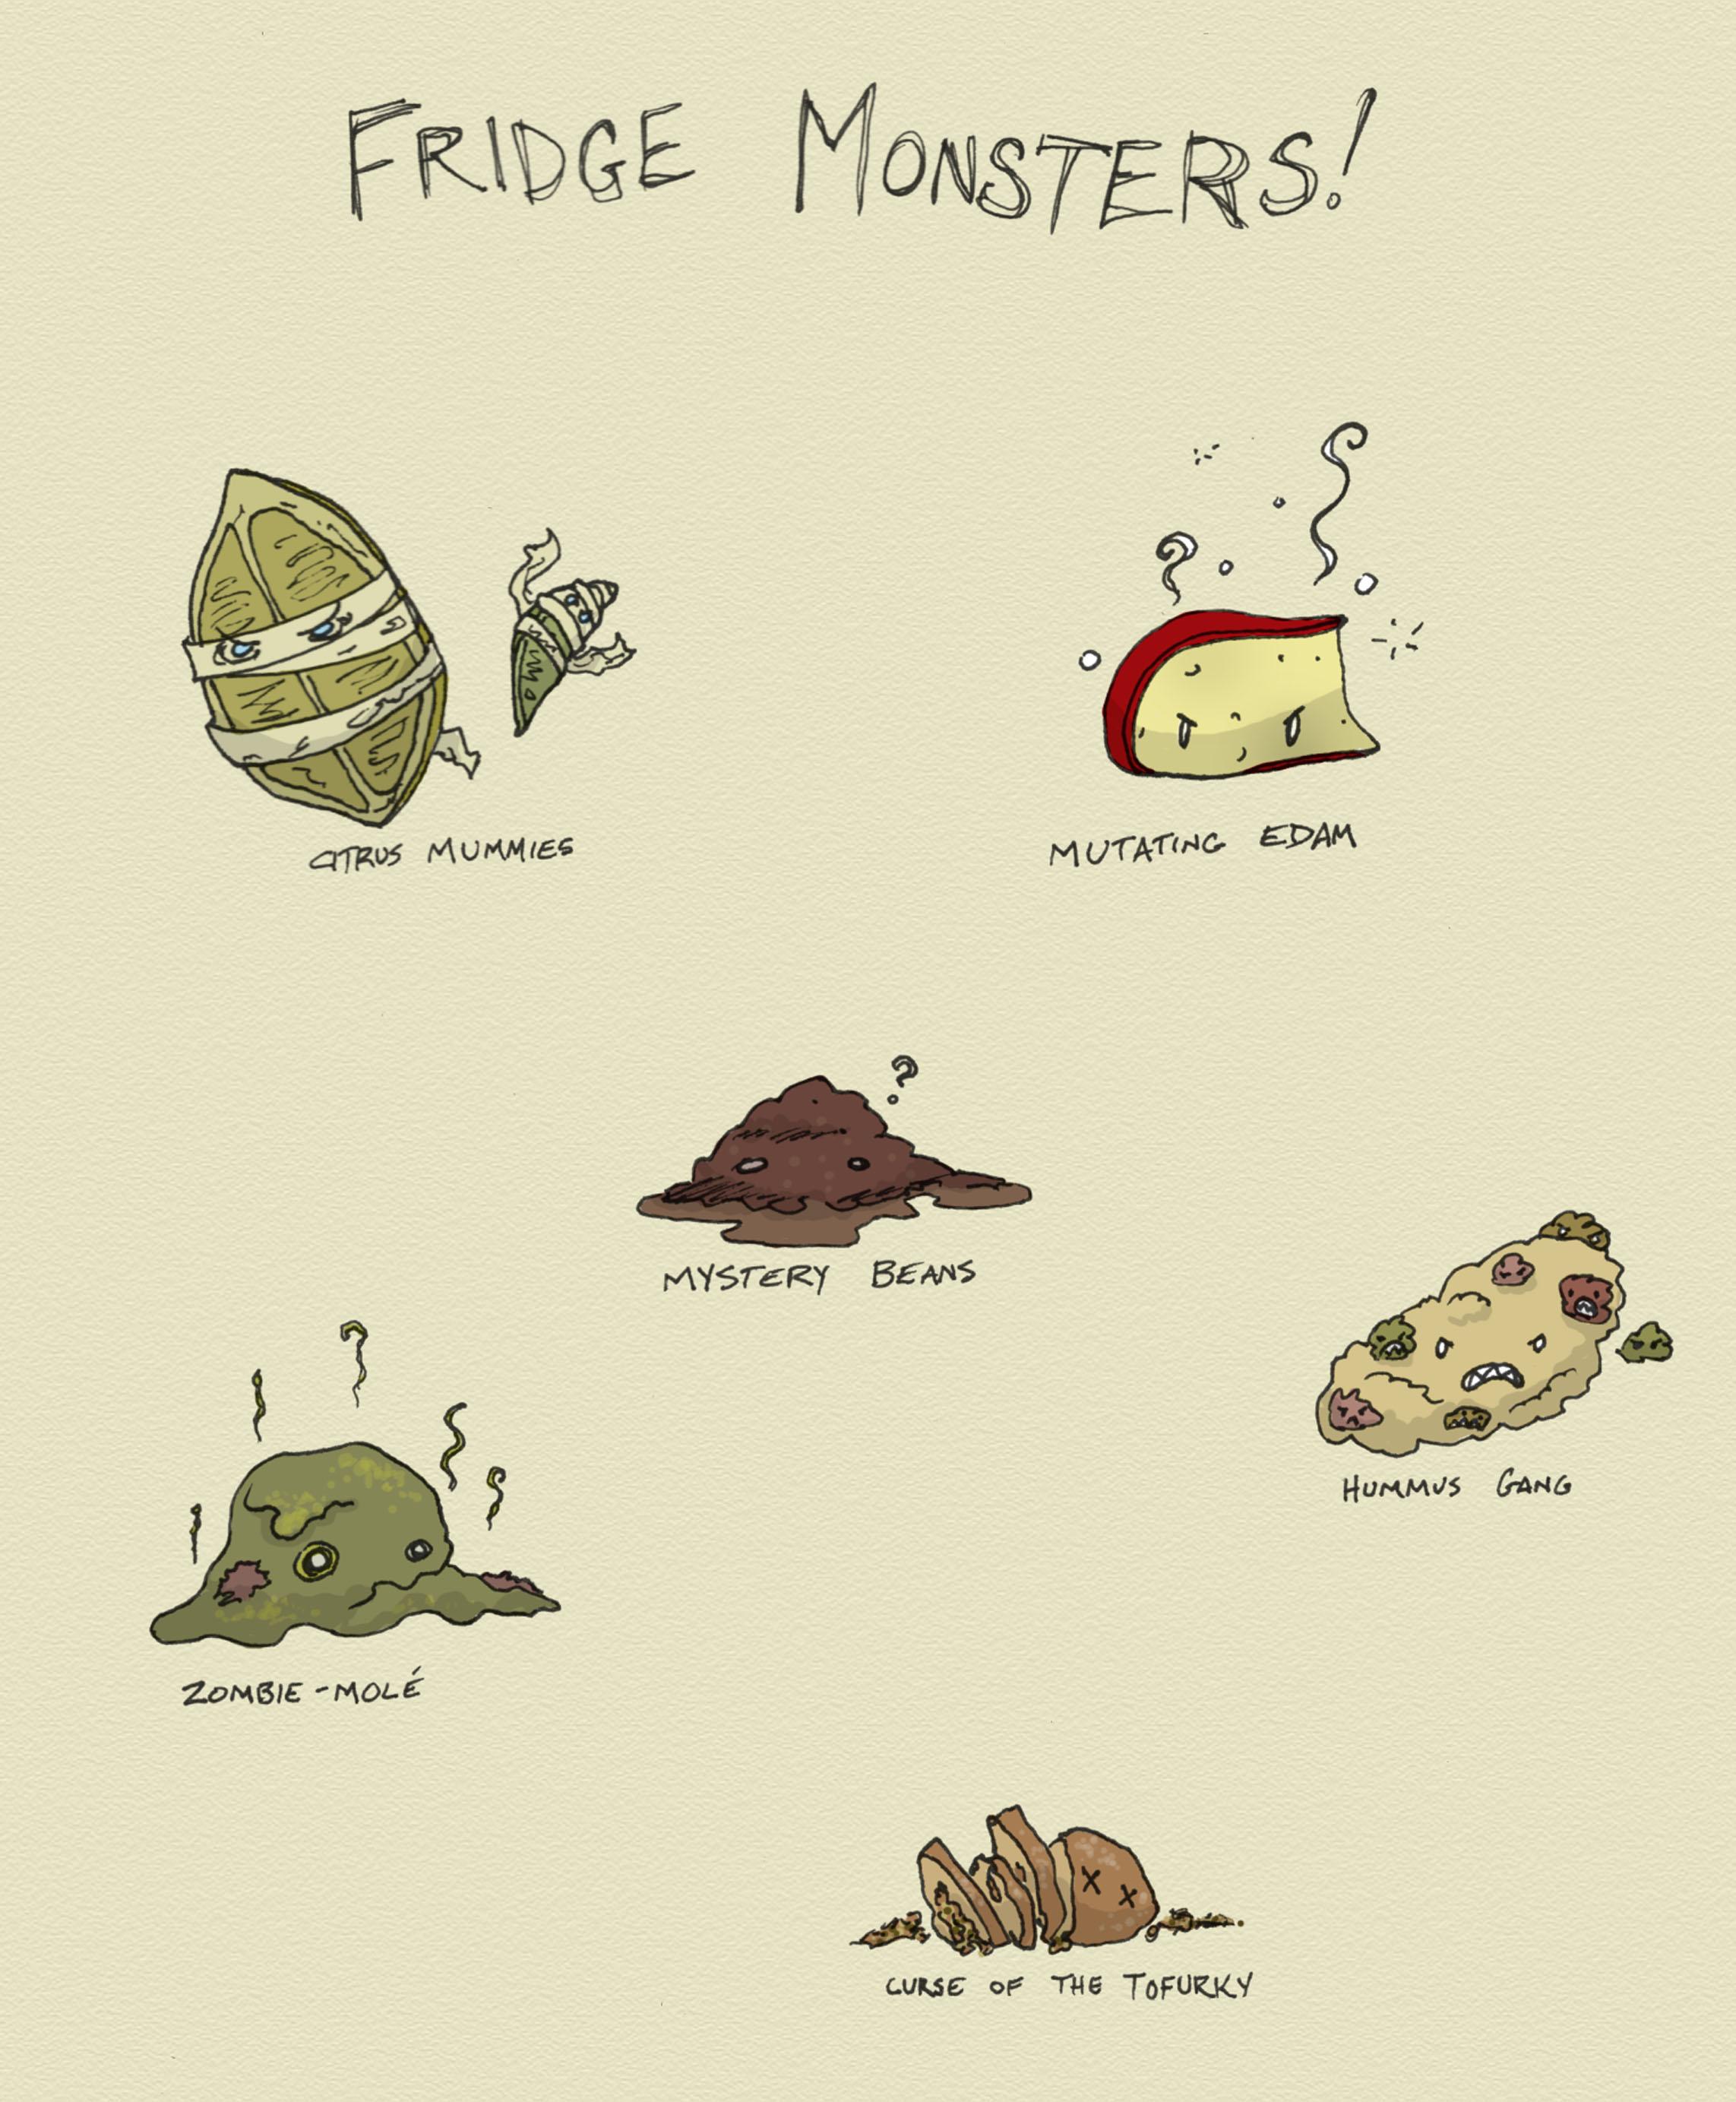 Fridge Monsters